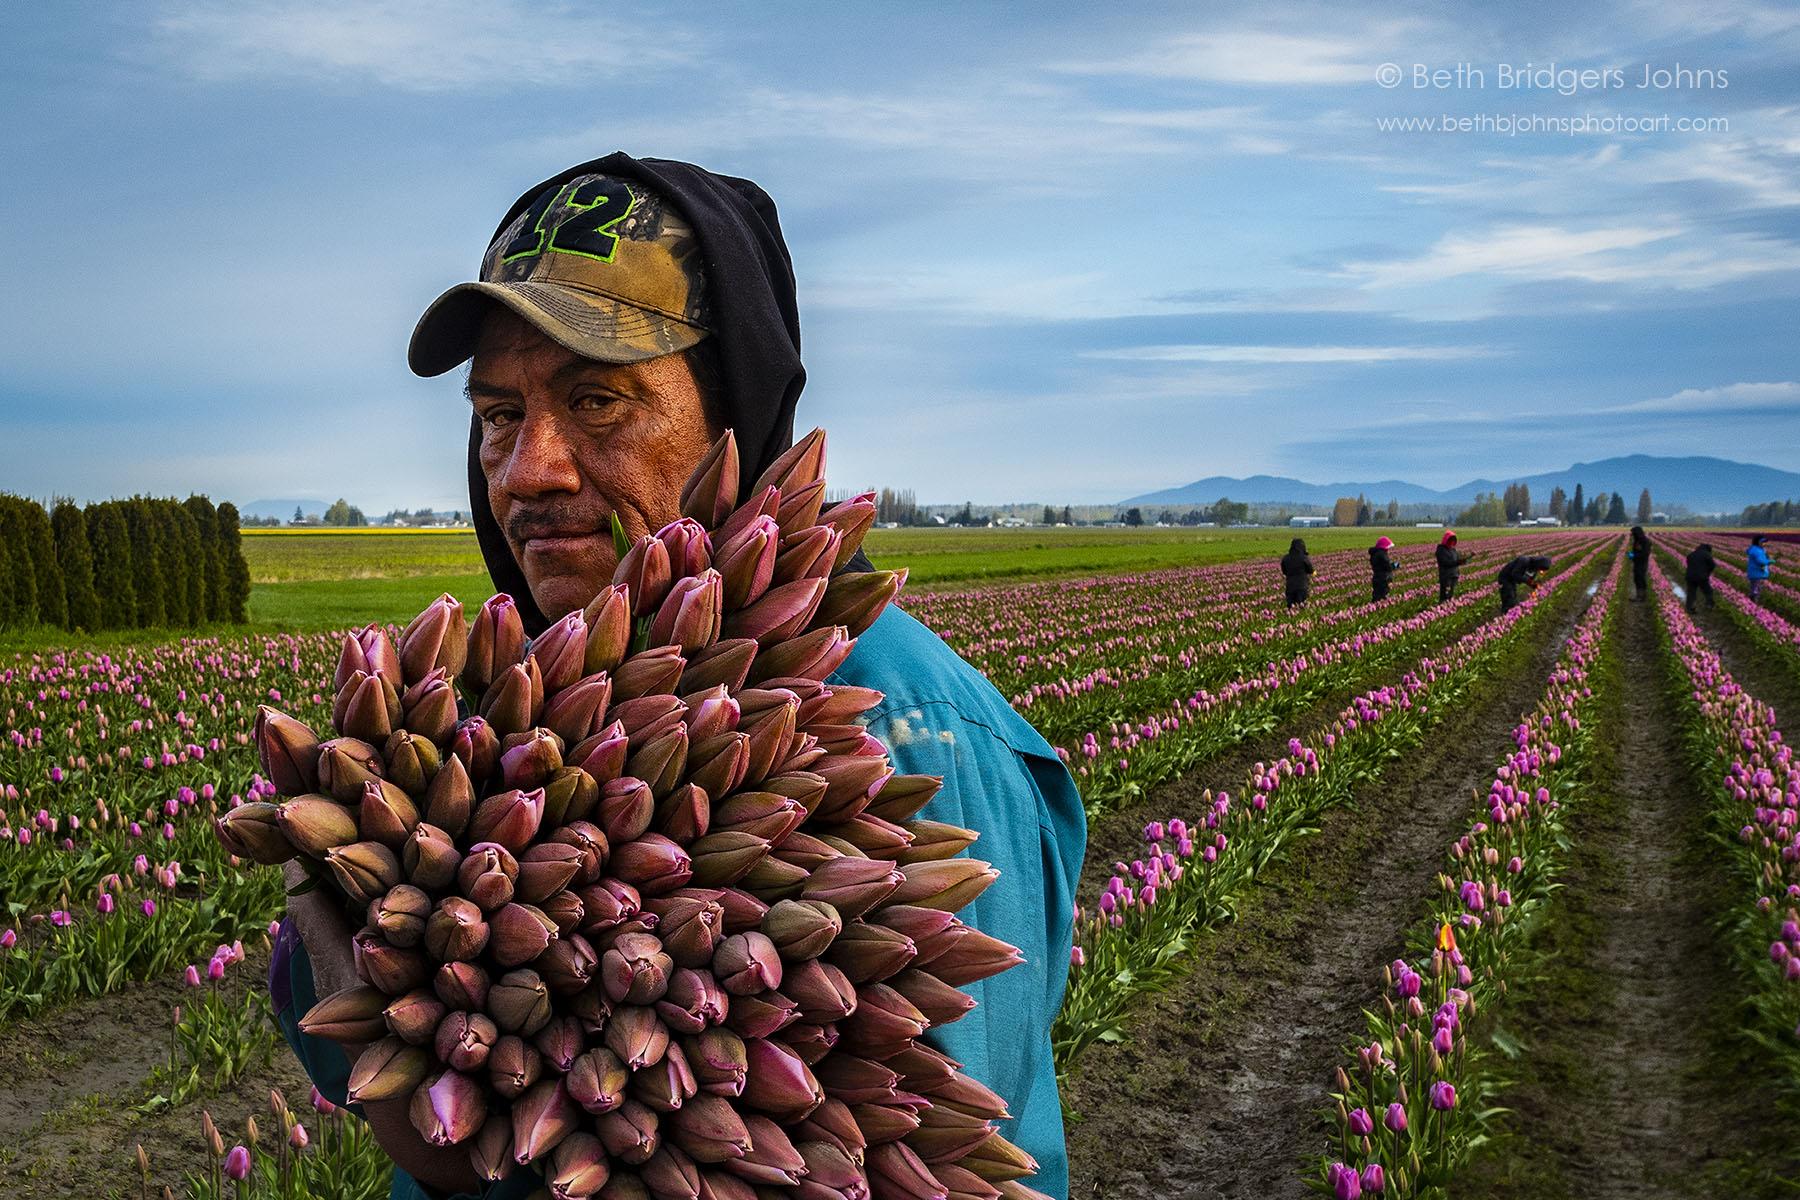 Worker in Tulip Fields